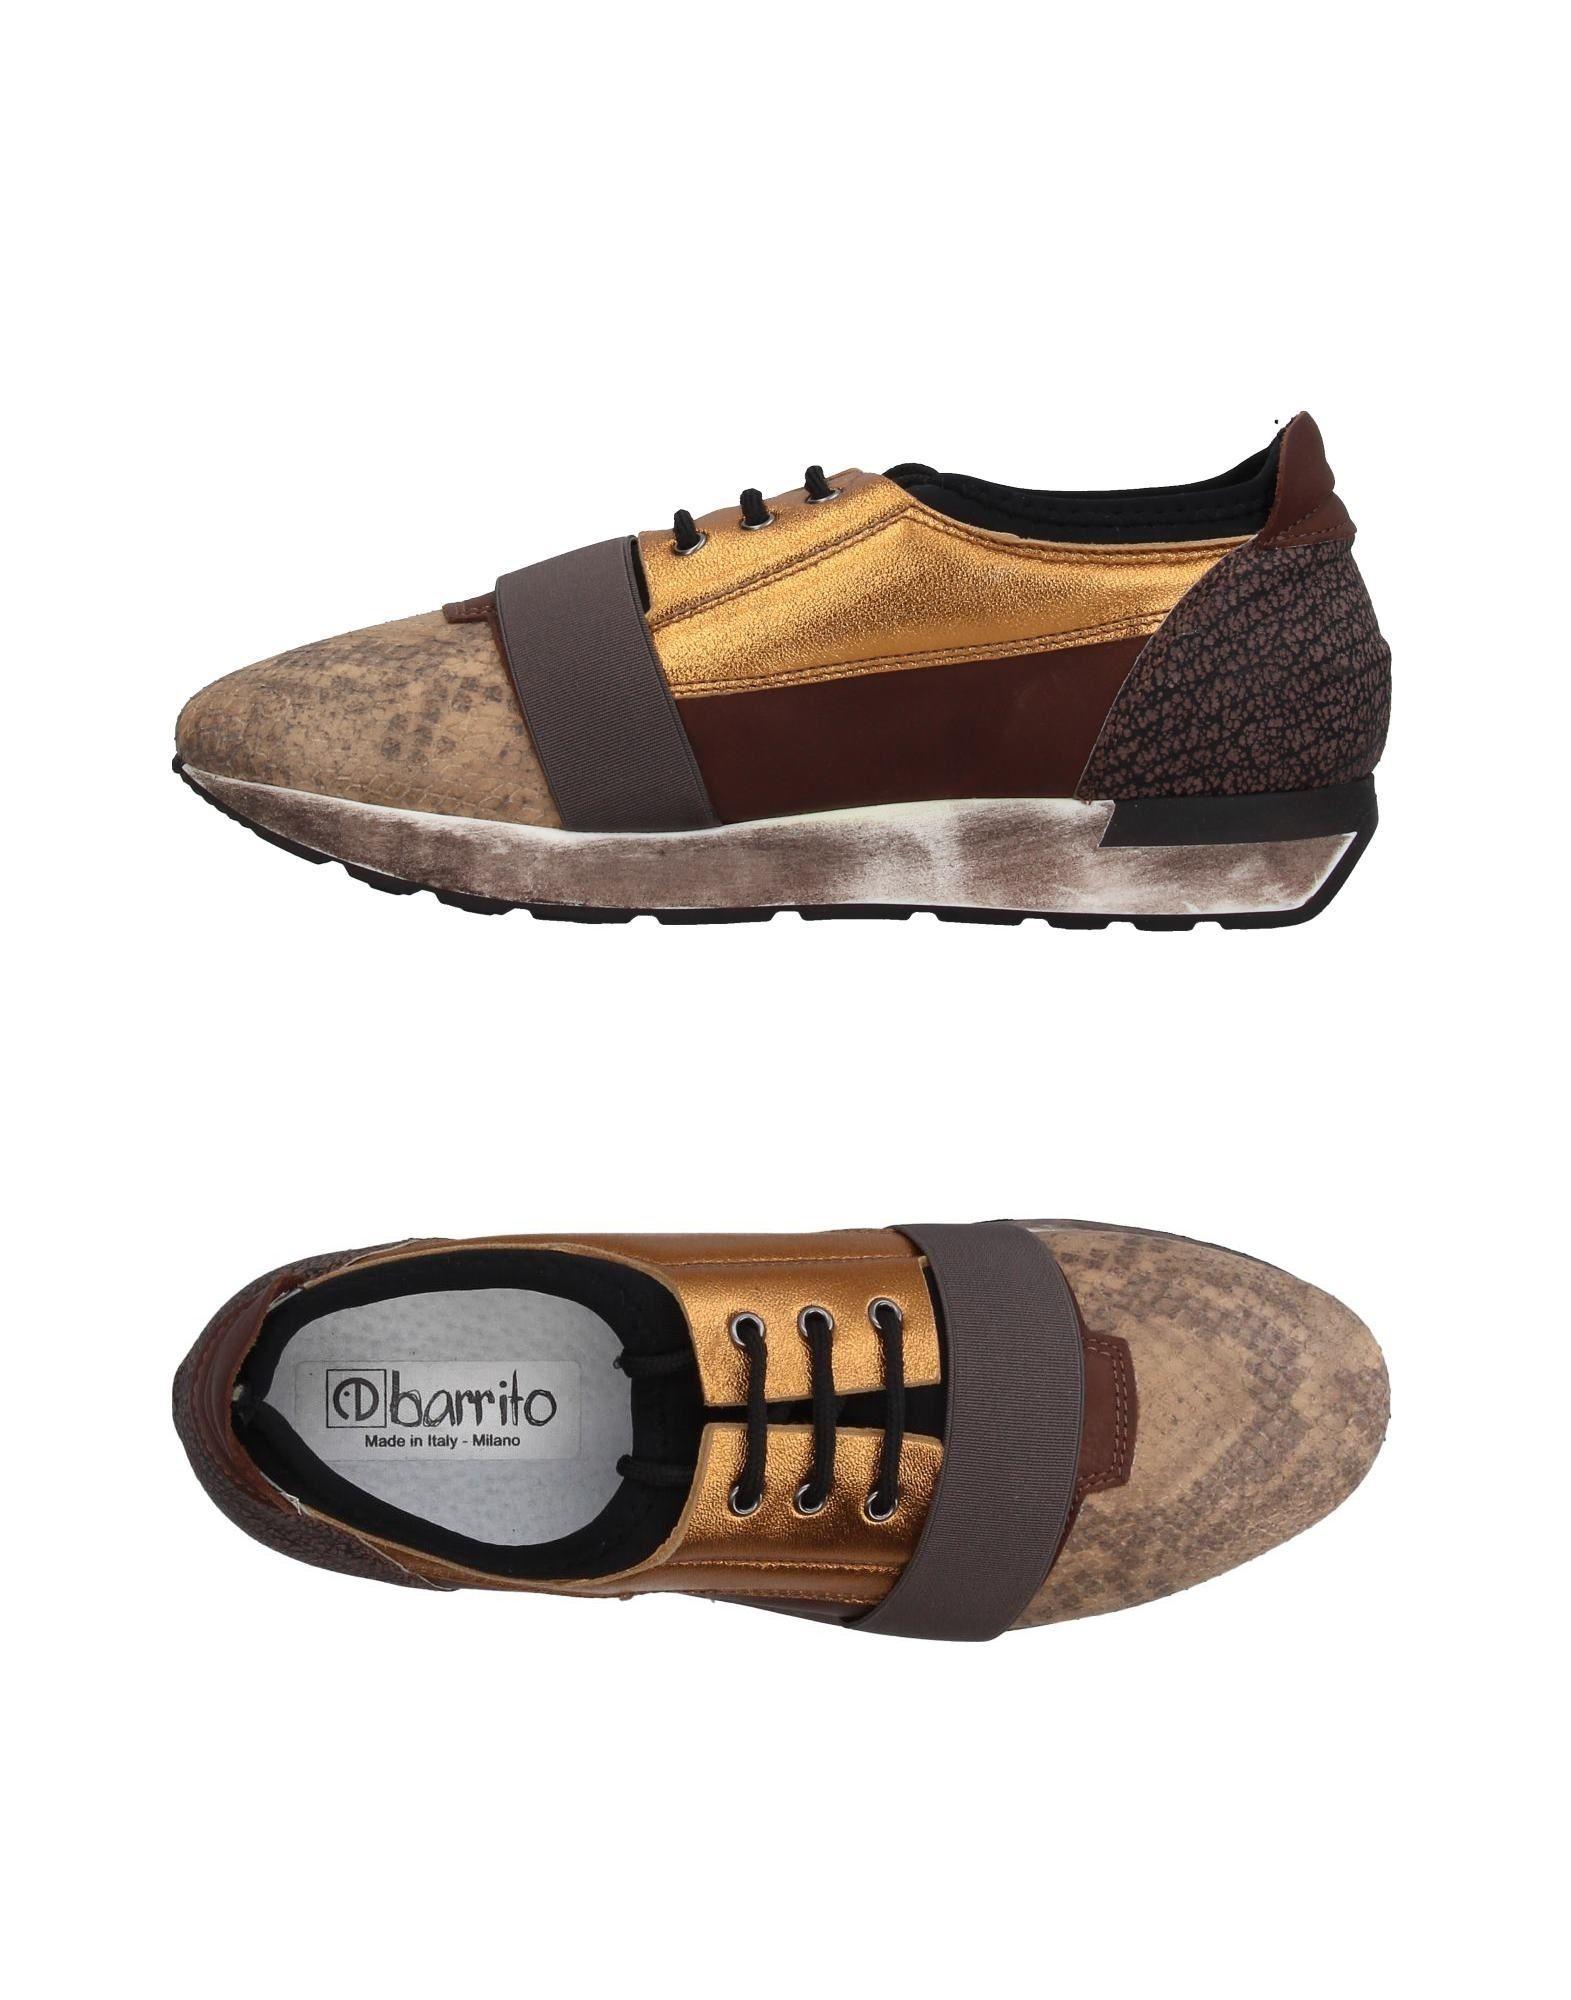 Scarpe economiche e resistenti Sneakers Ebarrito Donna - 11396439HT